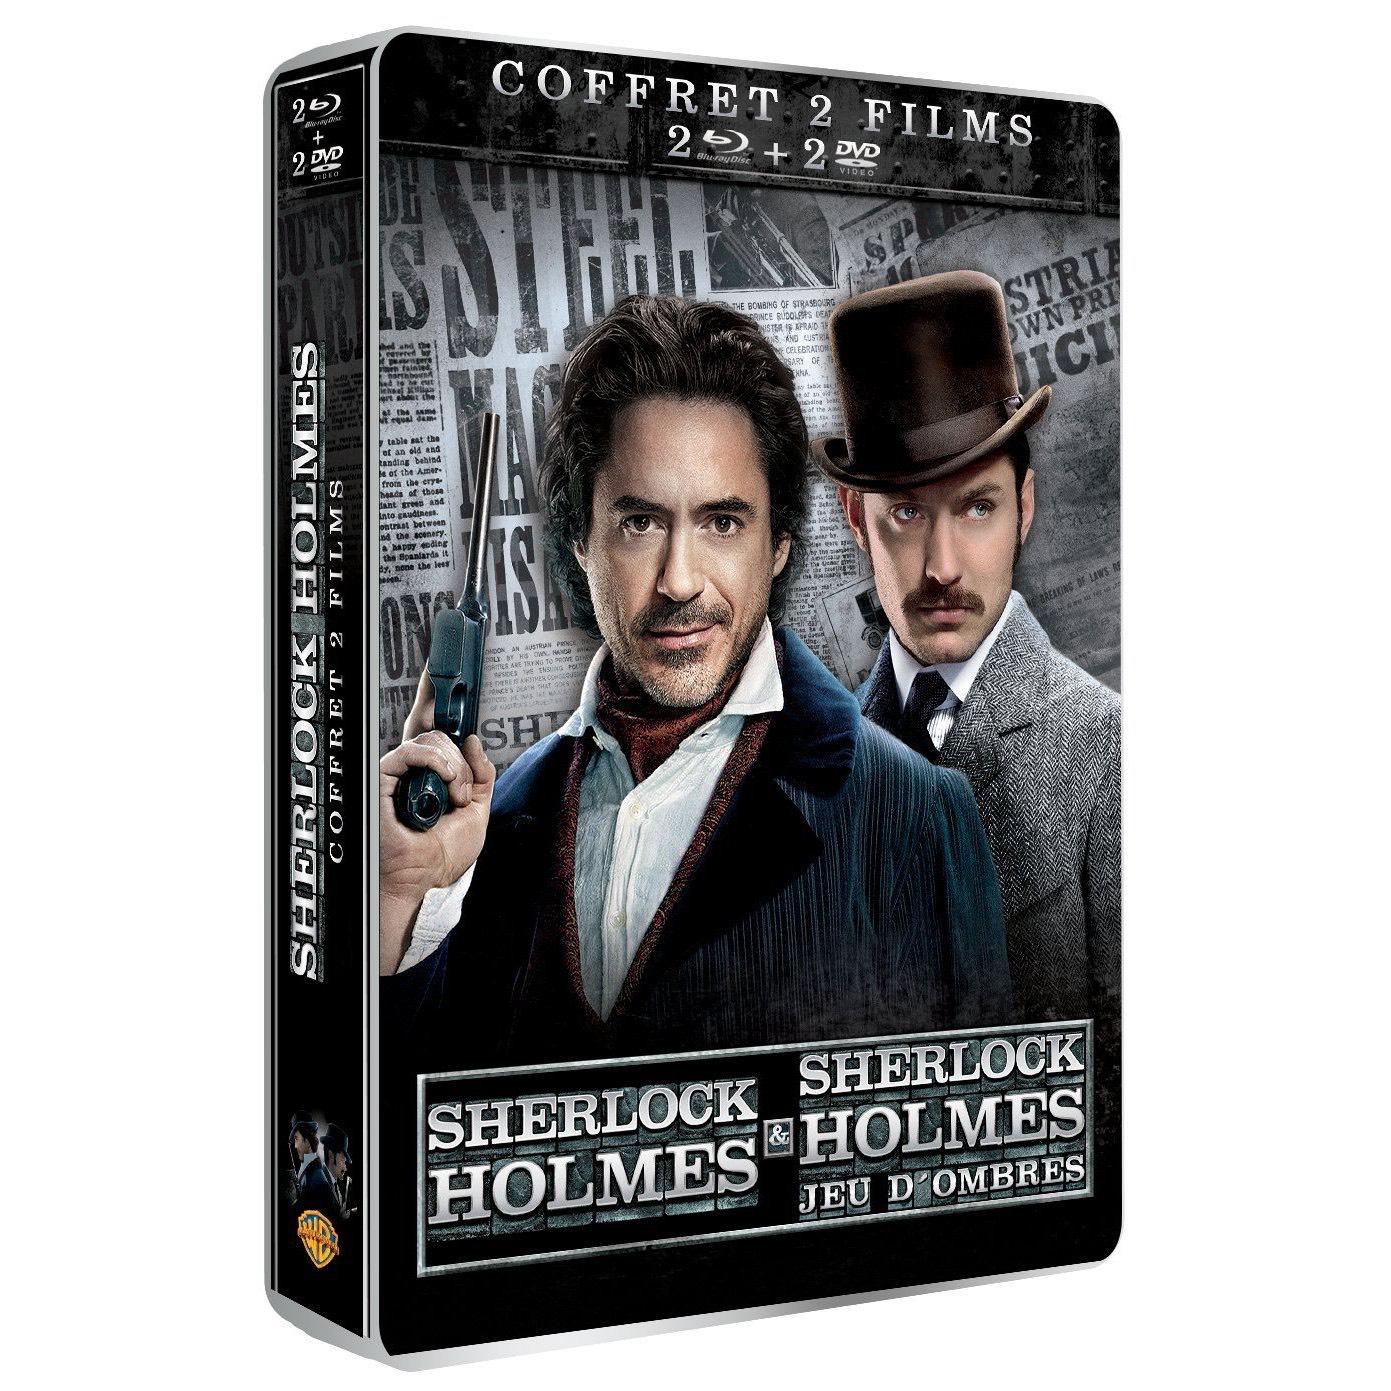 Coffret collector Blu-ray SteelBook Sherlock  Holmes + Sherlock Holmes 2 : Jeu d'ombres